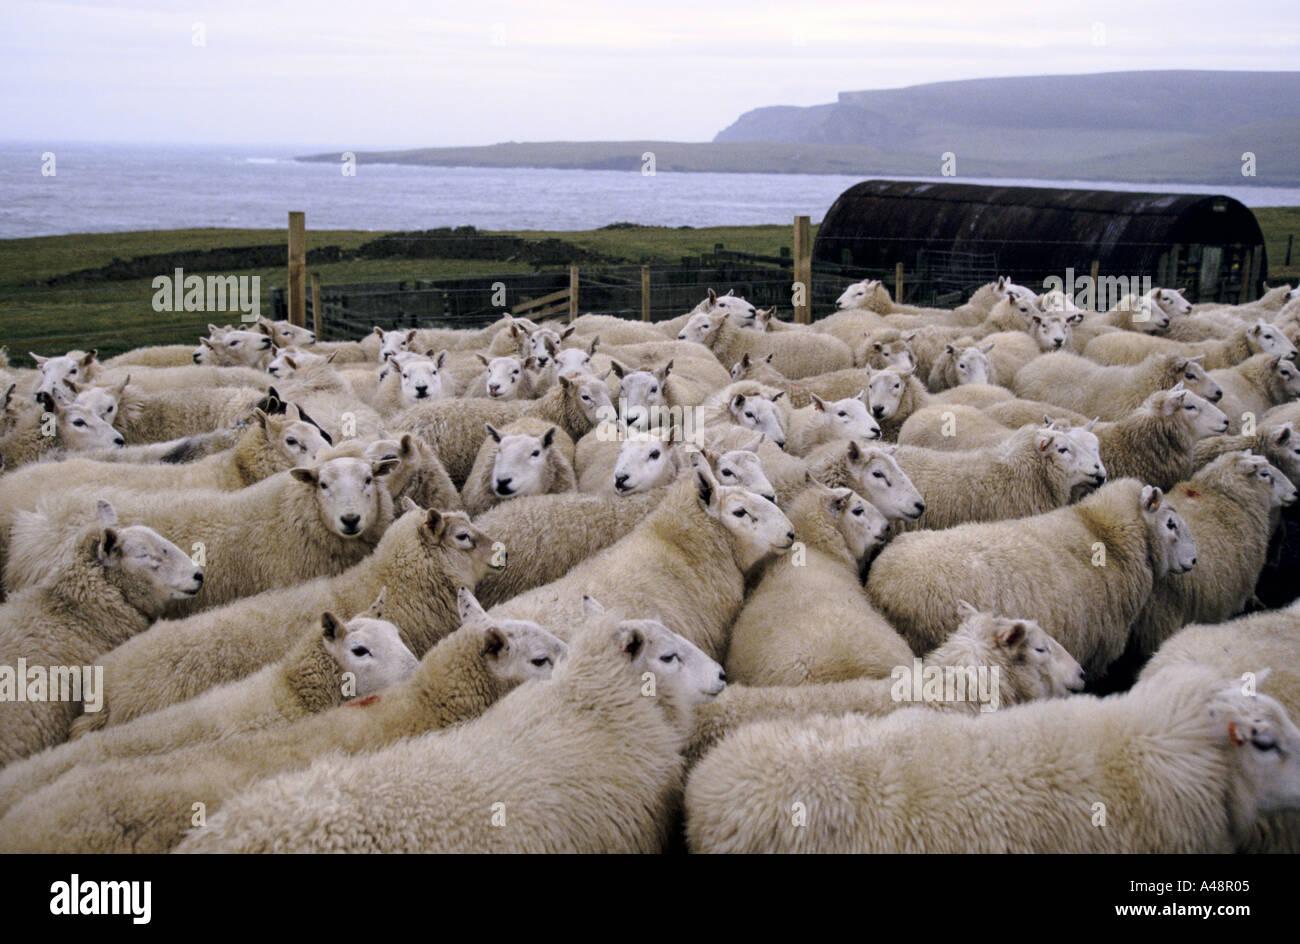 Un troupeau de moutons dans un enclos en attente d'être cisaillé .Shetland Islands près de Lerwick . Banque D'Images